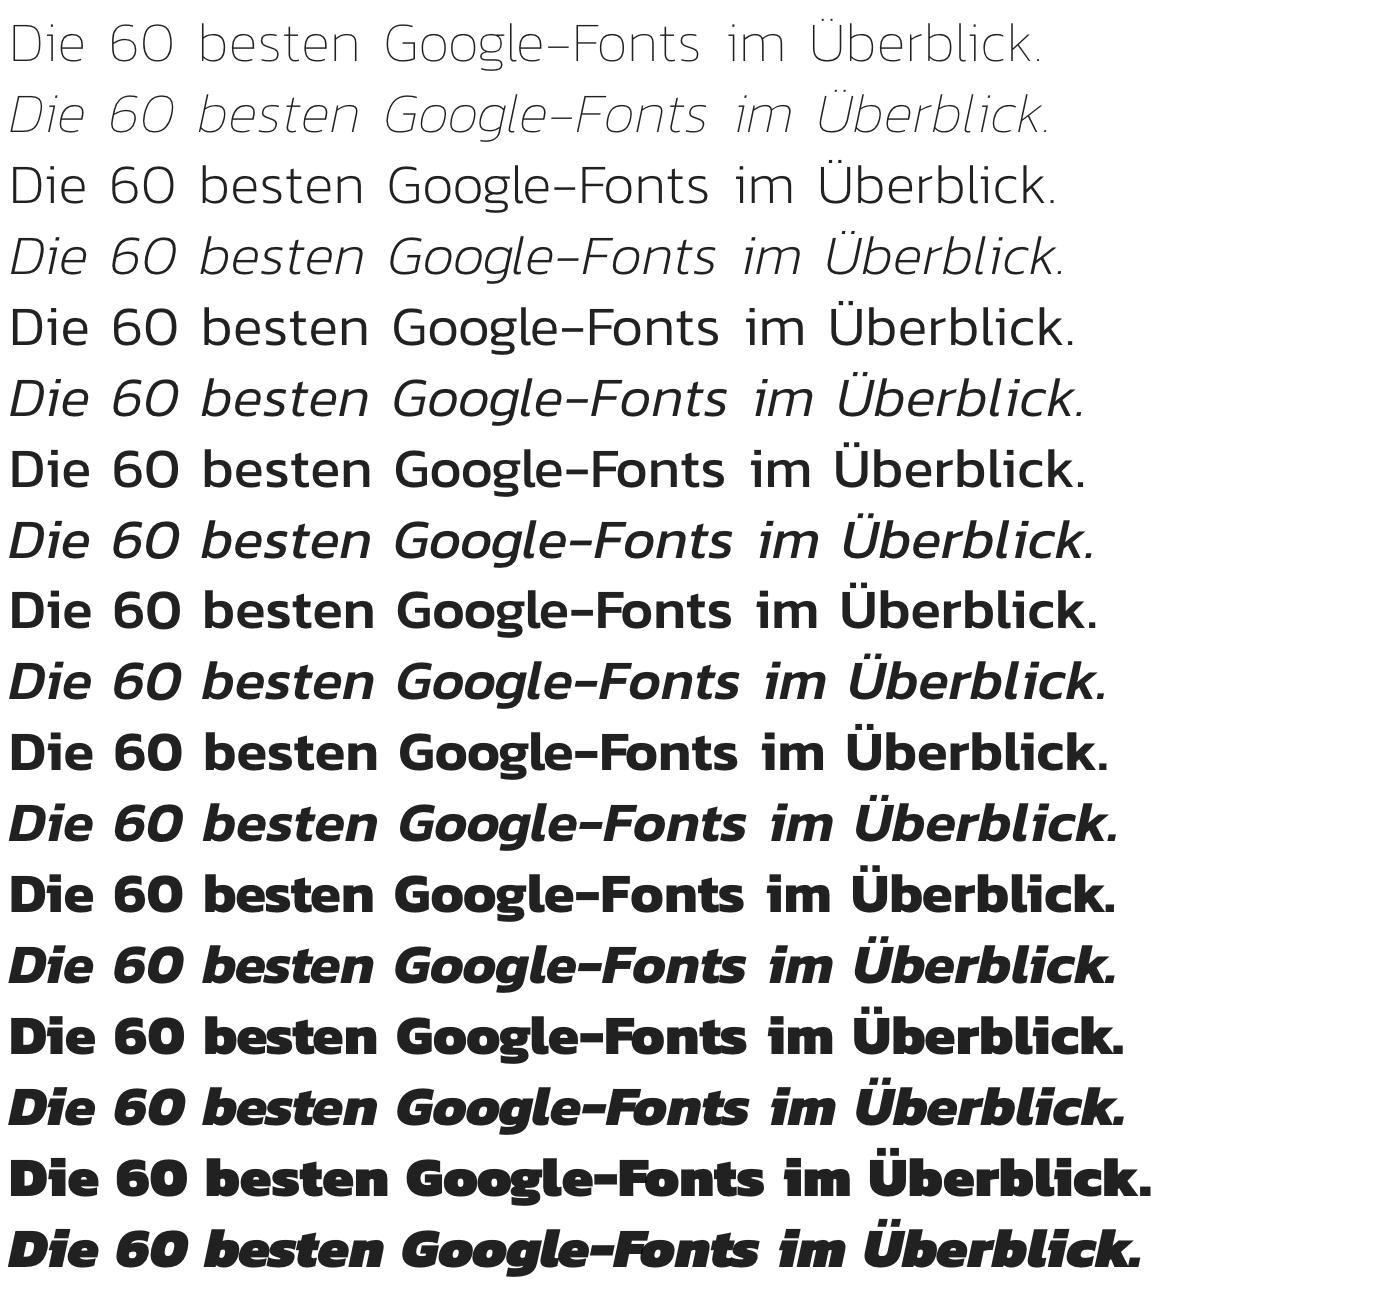 Google-Fonts-Kanit